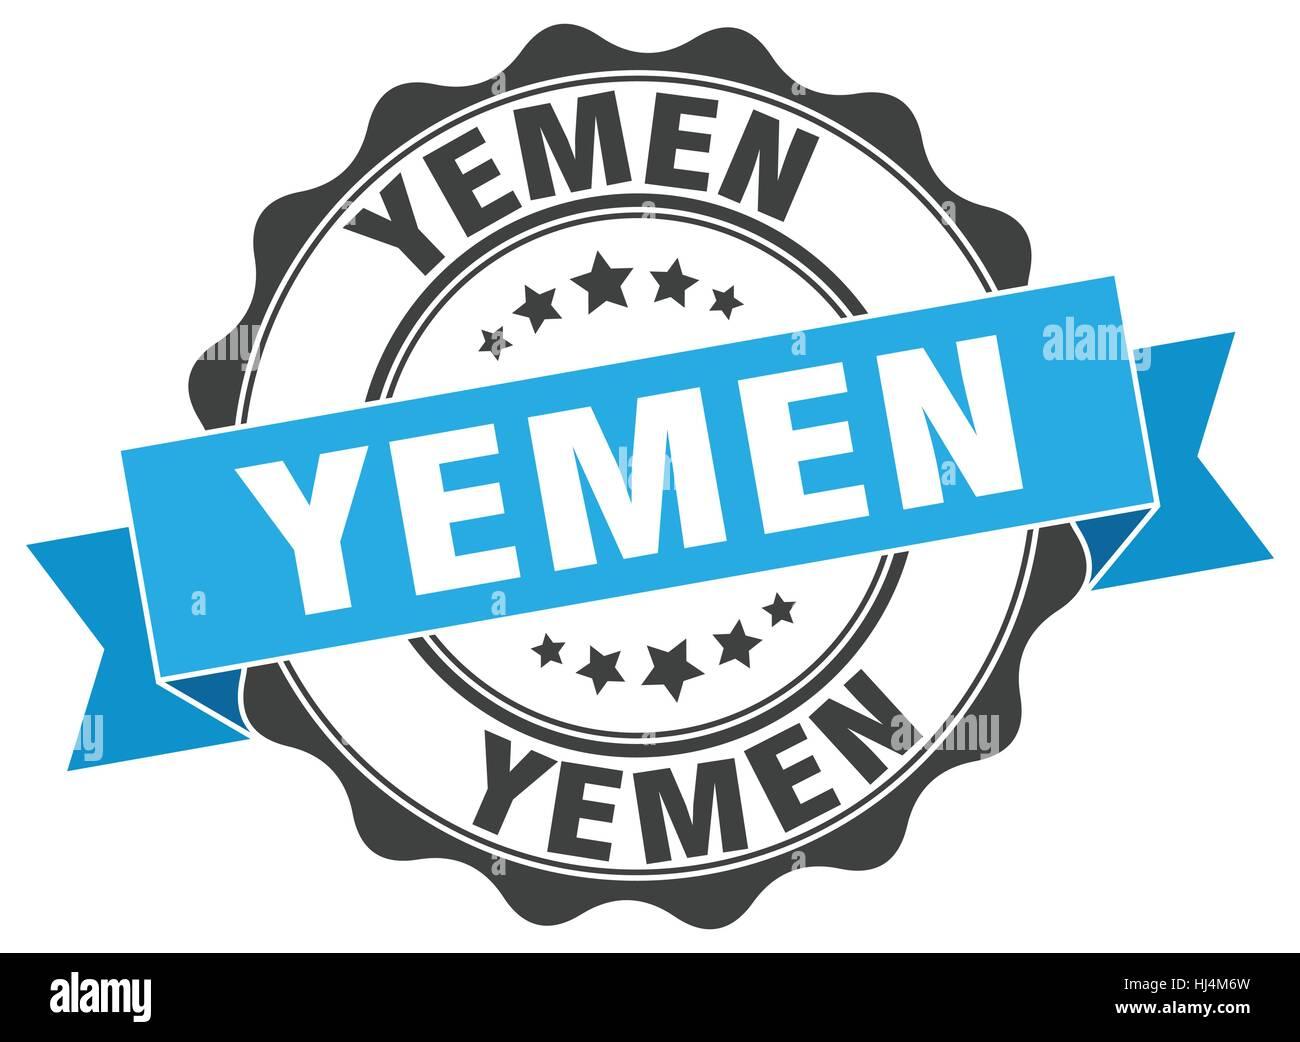 Yemen round ribbon seal - Stock Image